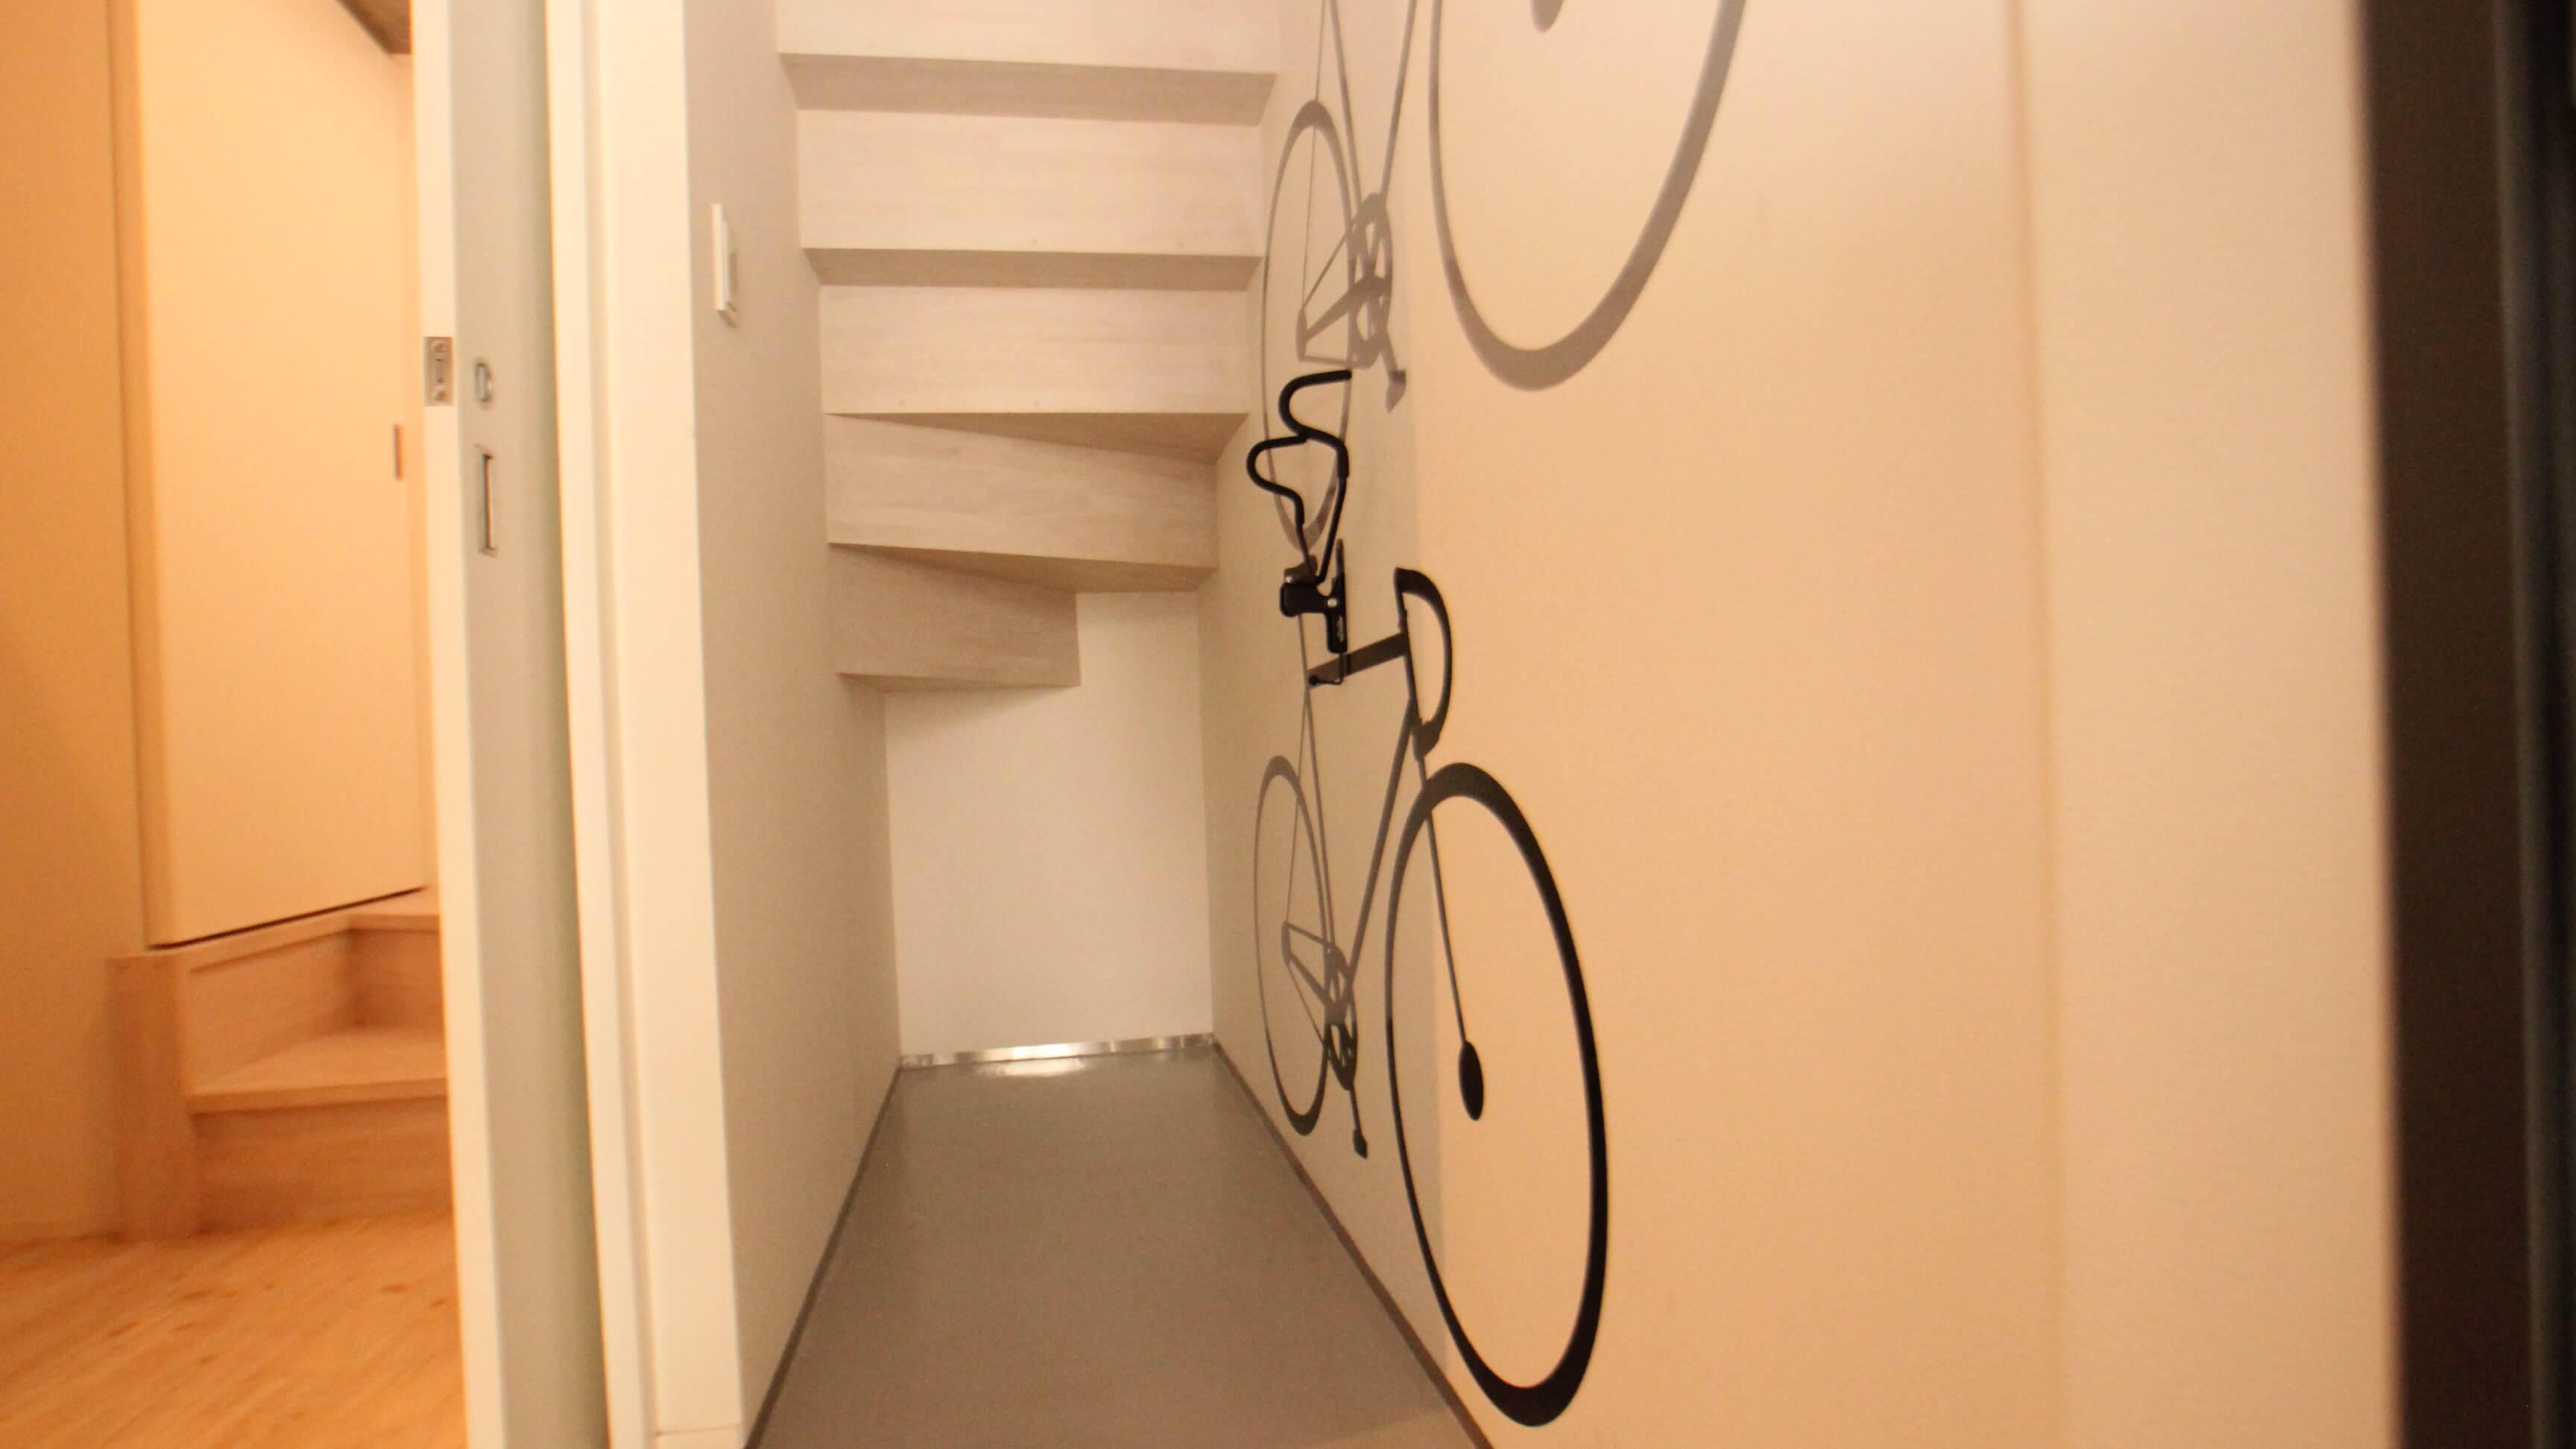 ロードバイクが収納できる玄関。左の引き戸を閉めておけばねこさんの脱走防止になります。